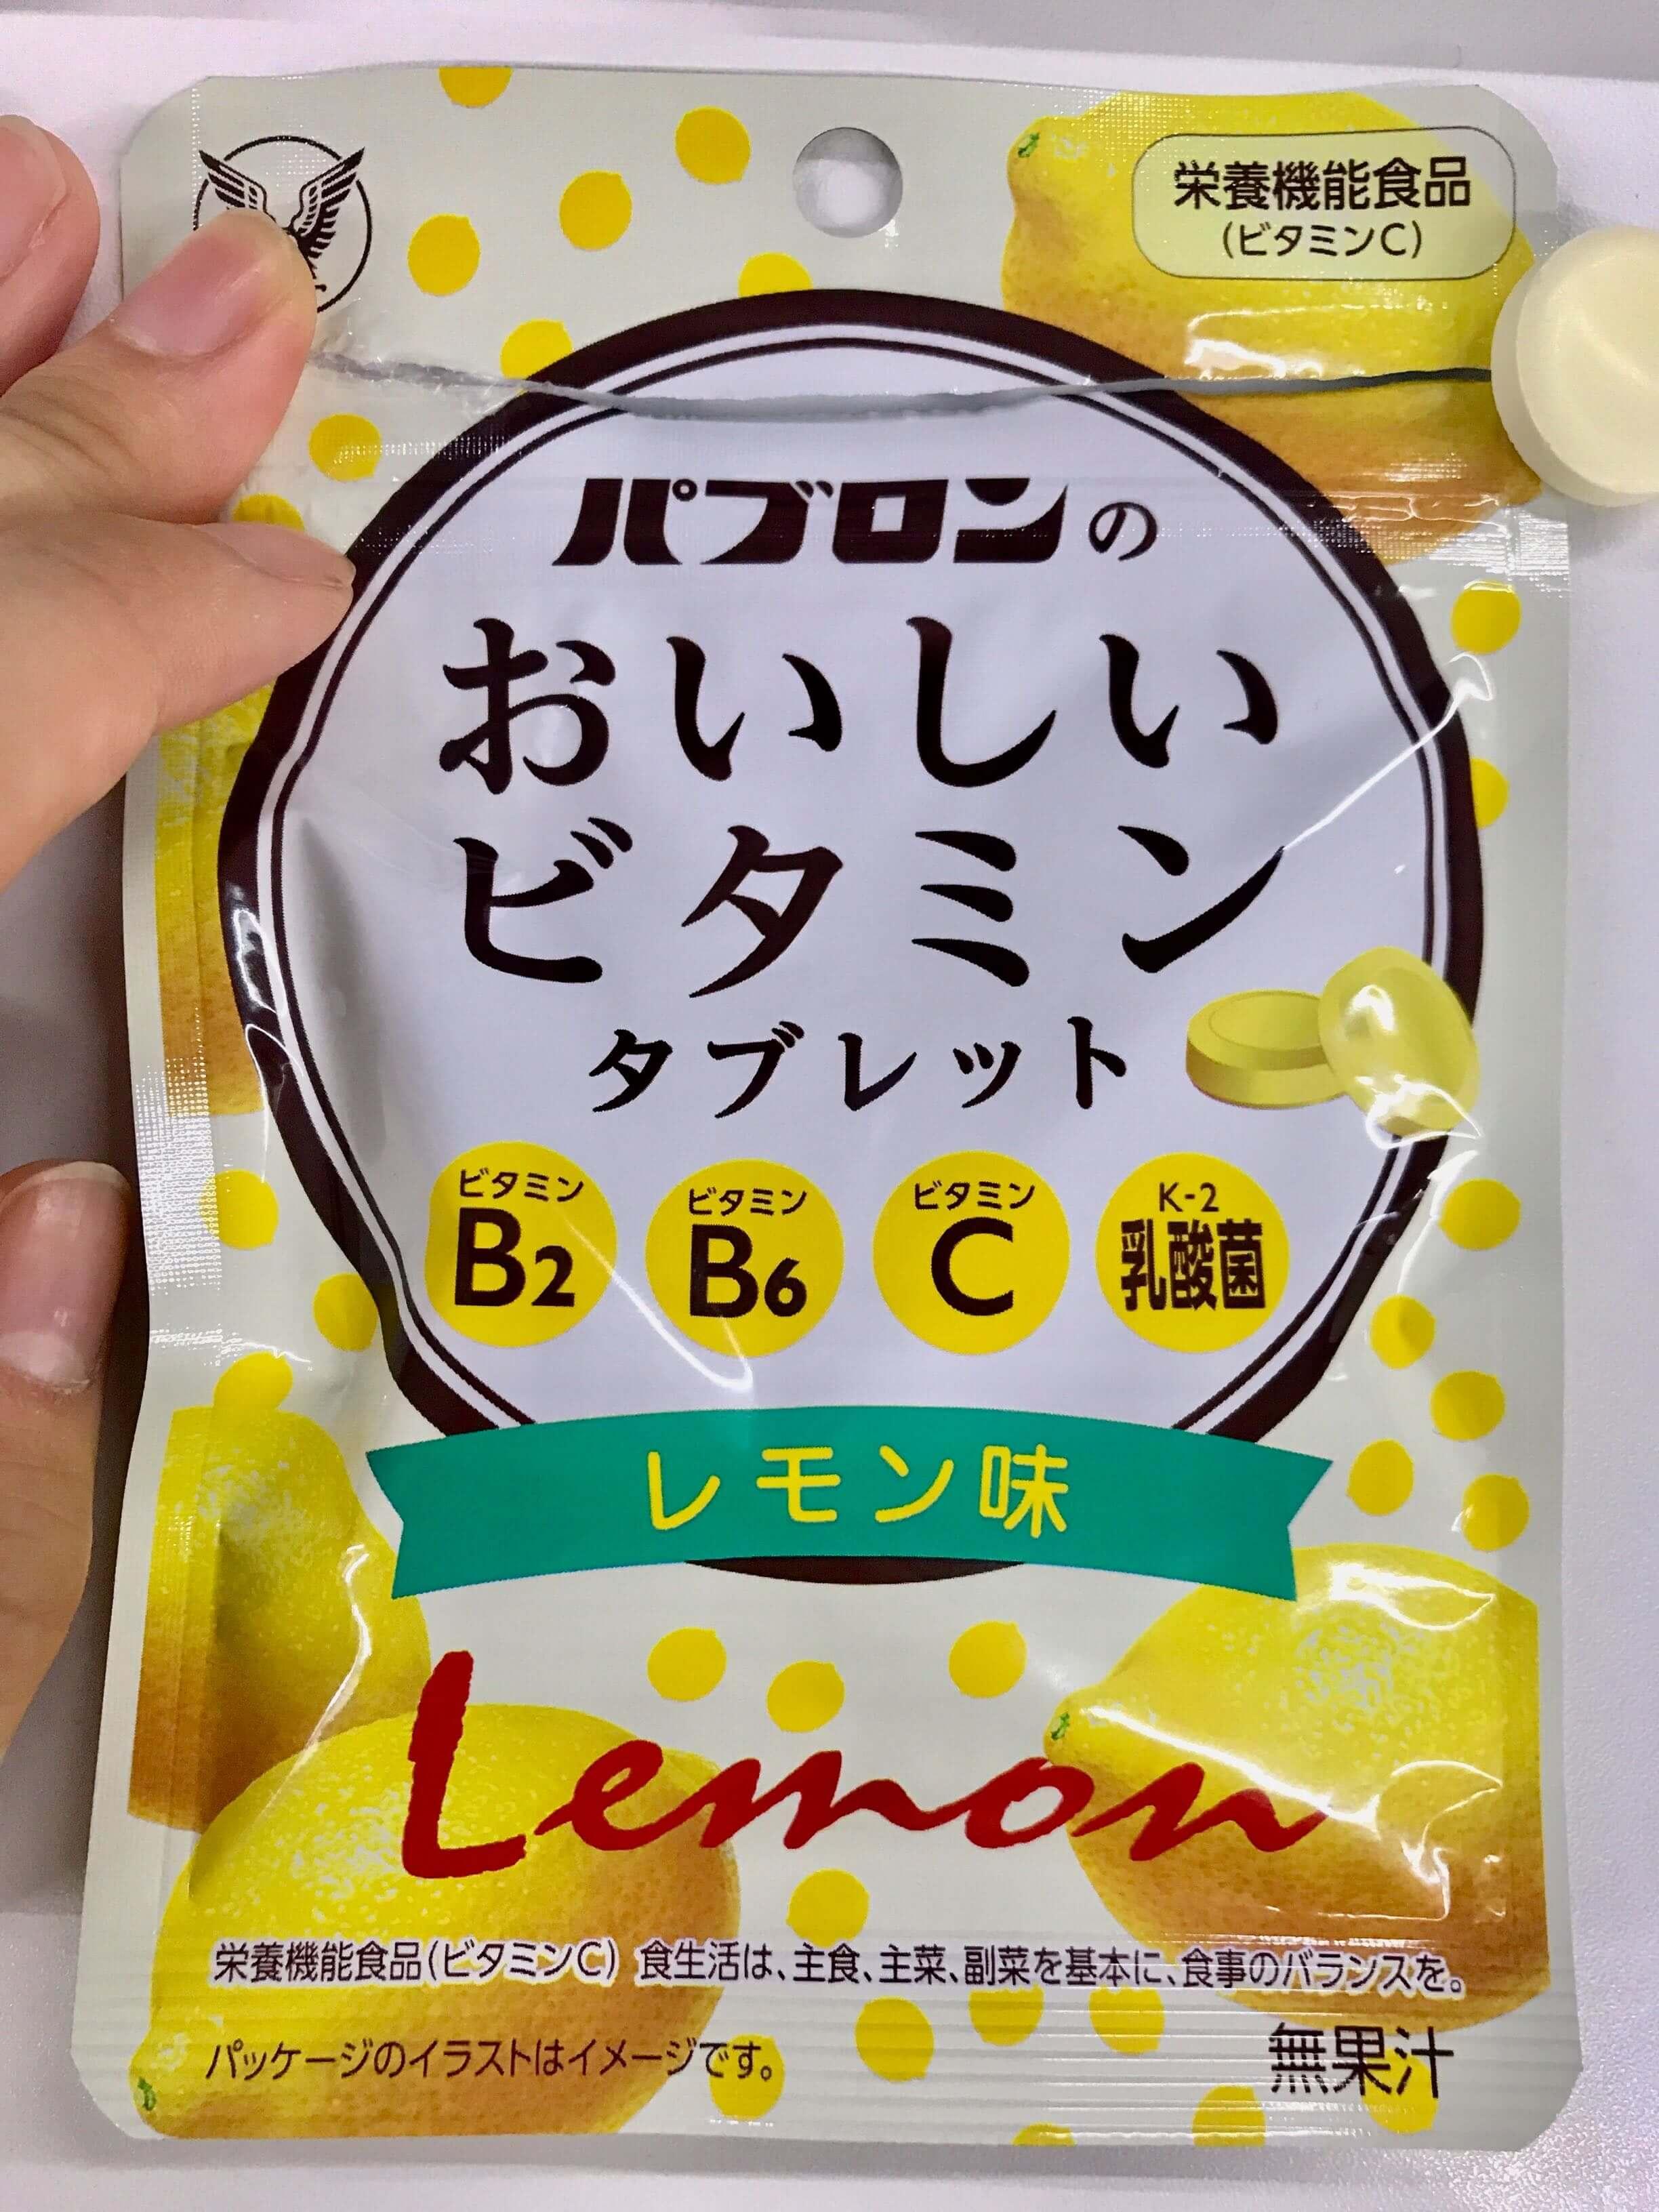 大正製薬 パブロンのおいしいビタミンタブレット